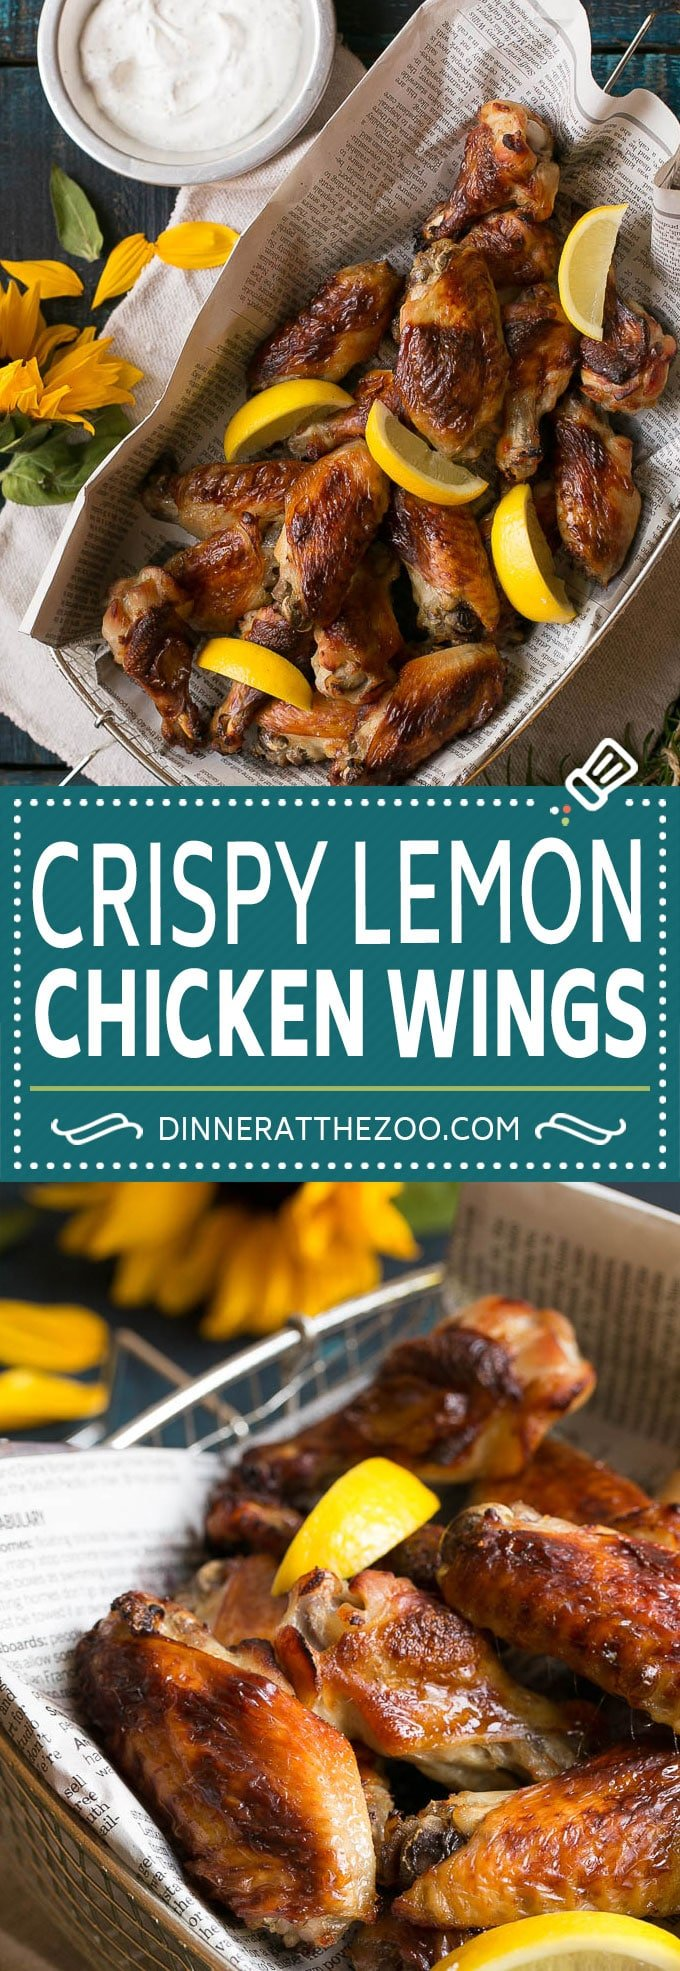 Lemon Chicken Wings Recipe   Baked Chicken Wings #chicken #chickenwings #lemon #appetizer #dinner #dinneratthezoo